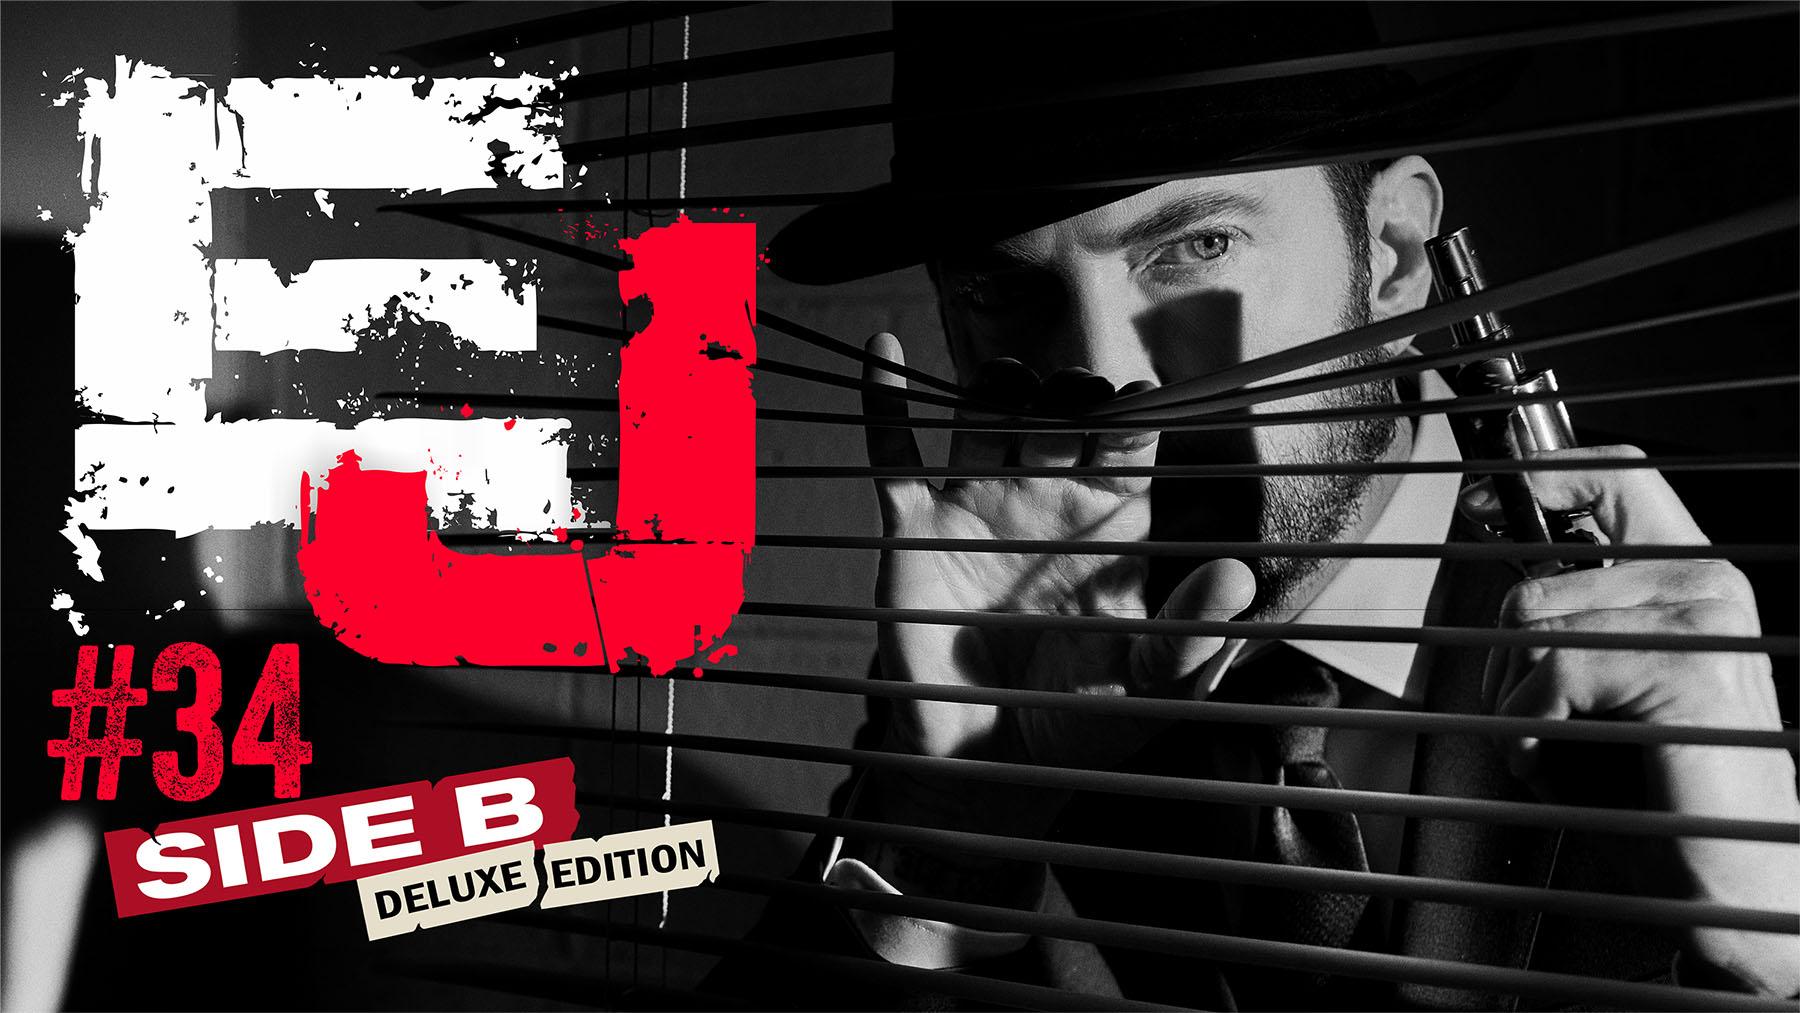 Журнал EJ #34 Side B уже доступен